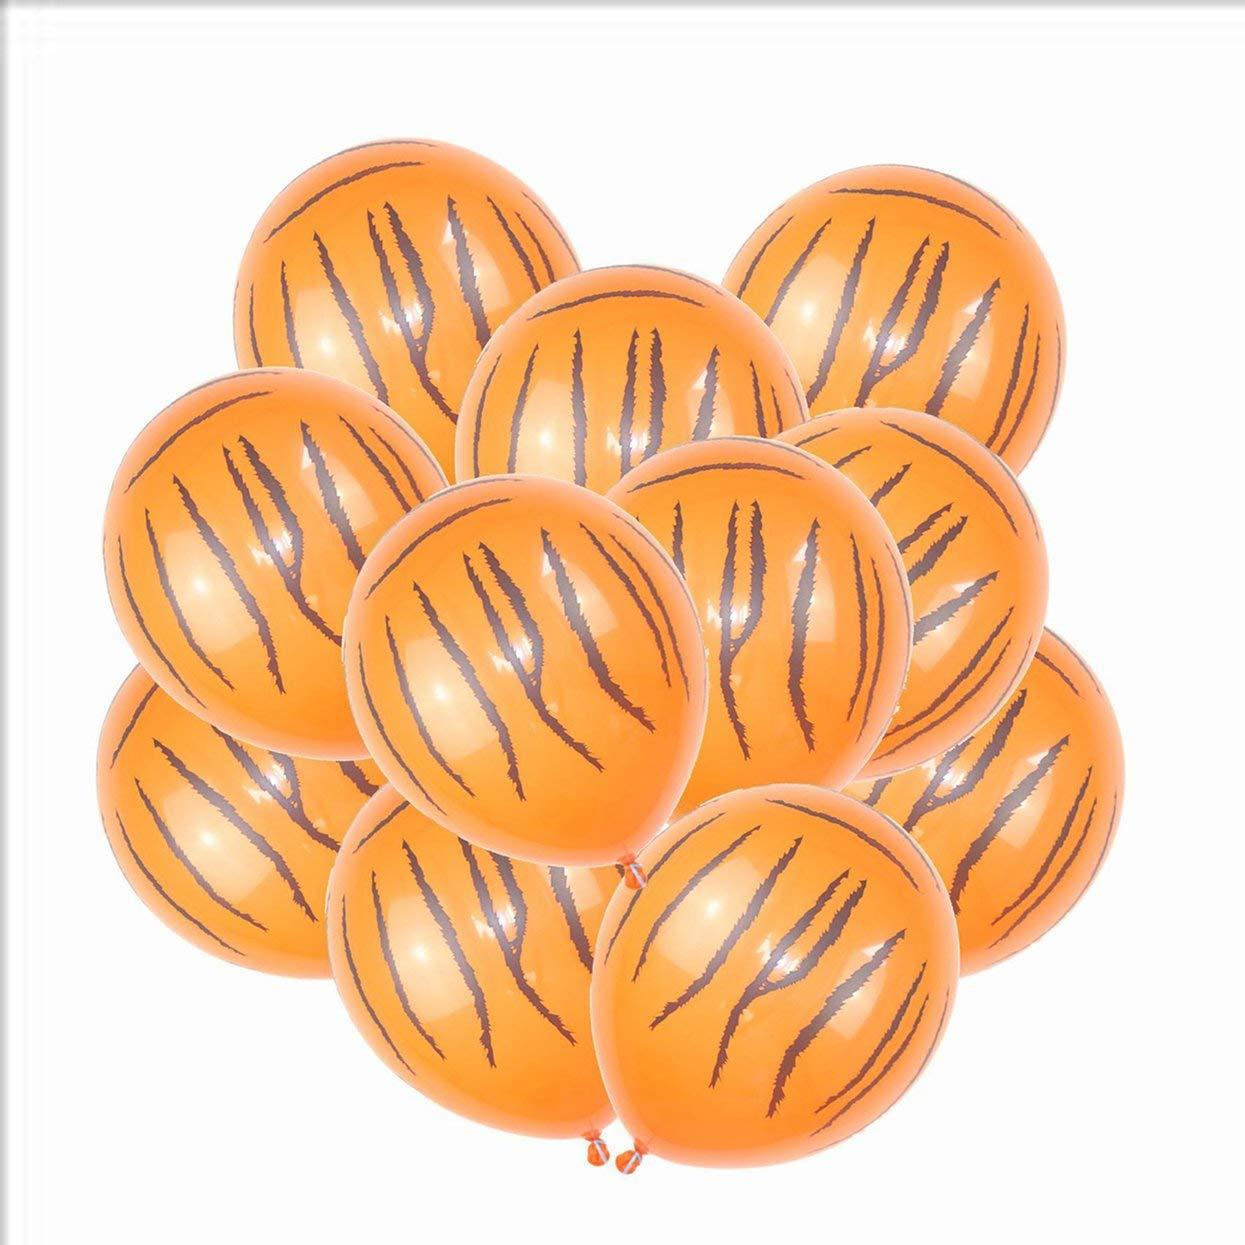 Set 12 Pollici Animale Giungla Moda Stampa Festa di Compleanno Decorazione Palloncini Regalo per Bambini Decorazione di Cerimonia Nuziale del Partito Tellaboull 10pcs